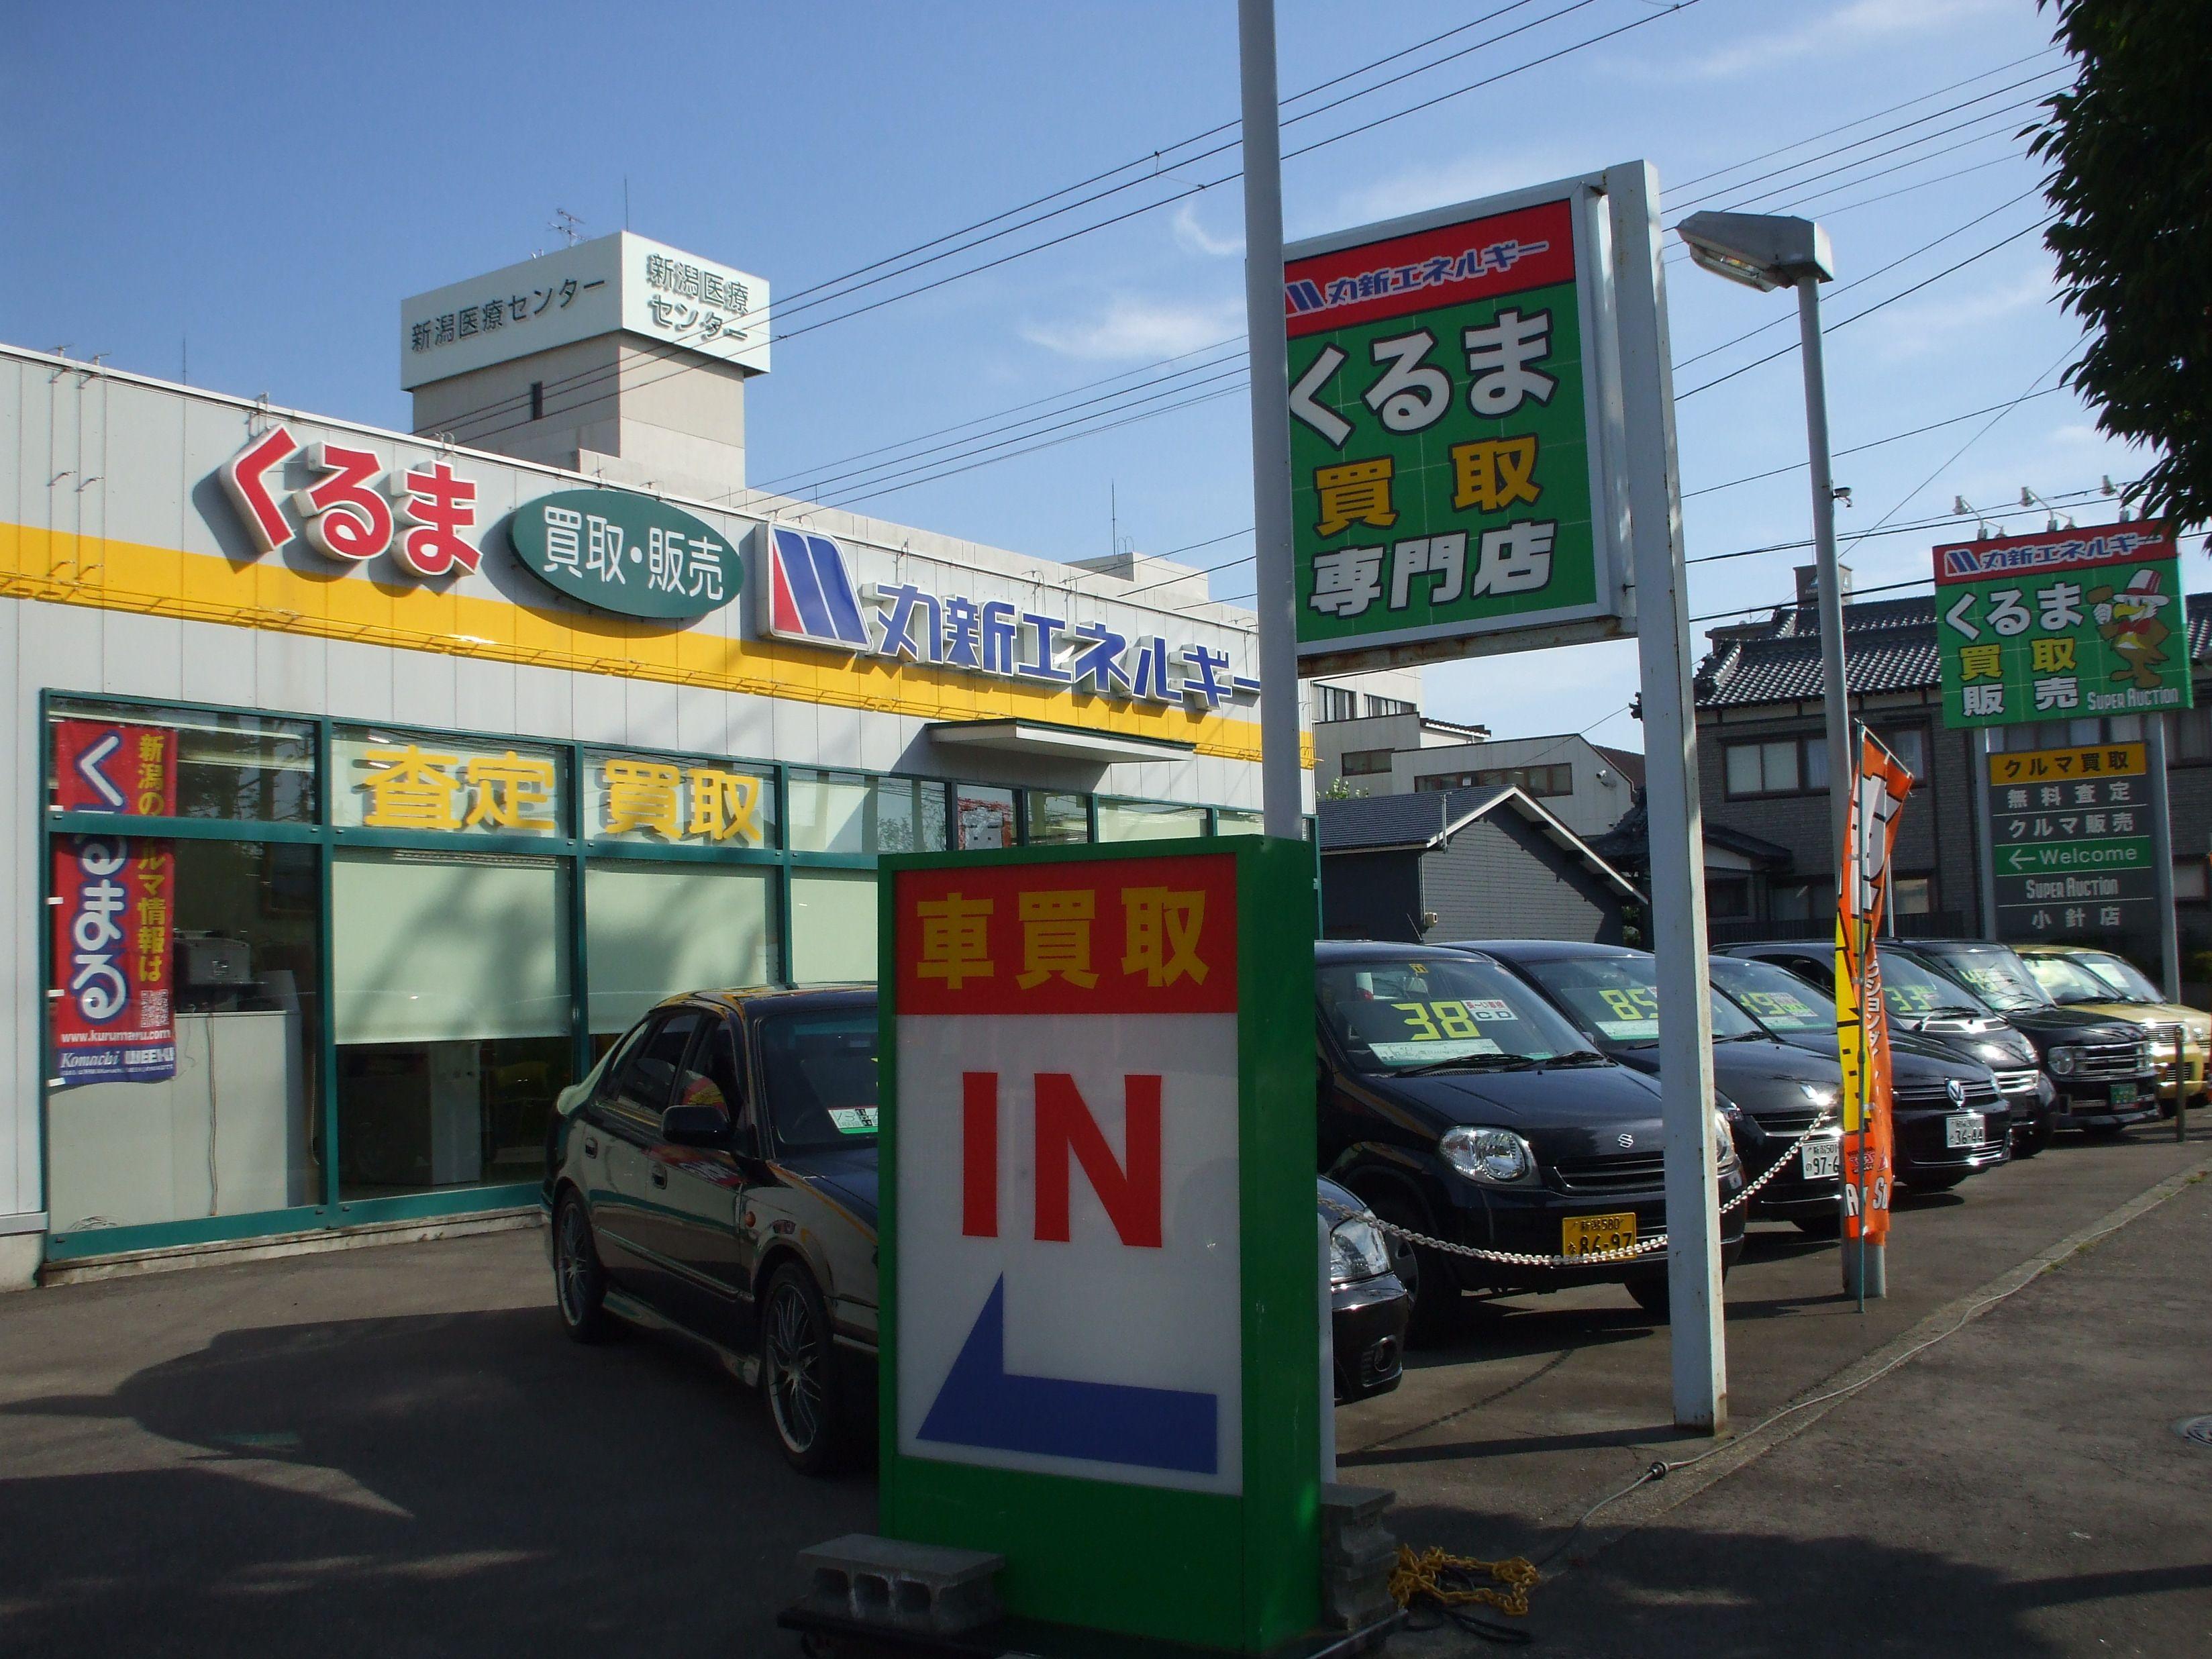 スーパーオークション (株)丸新エネルギー 小針店